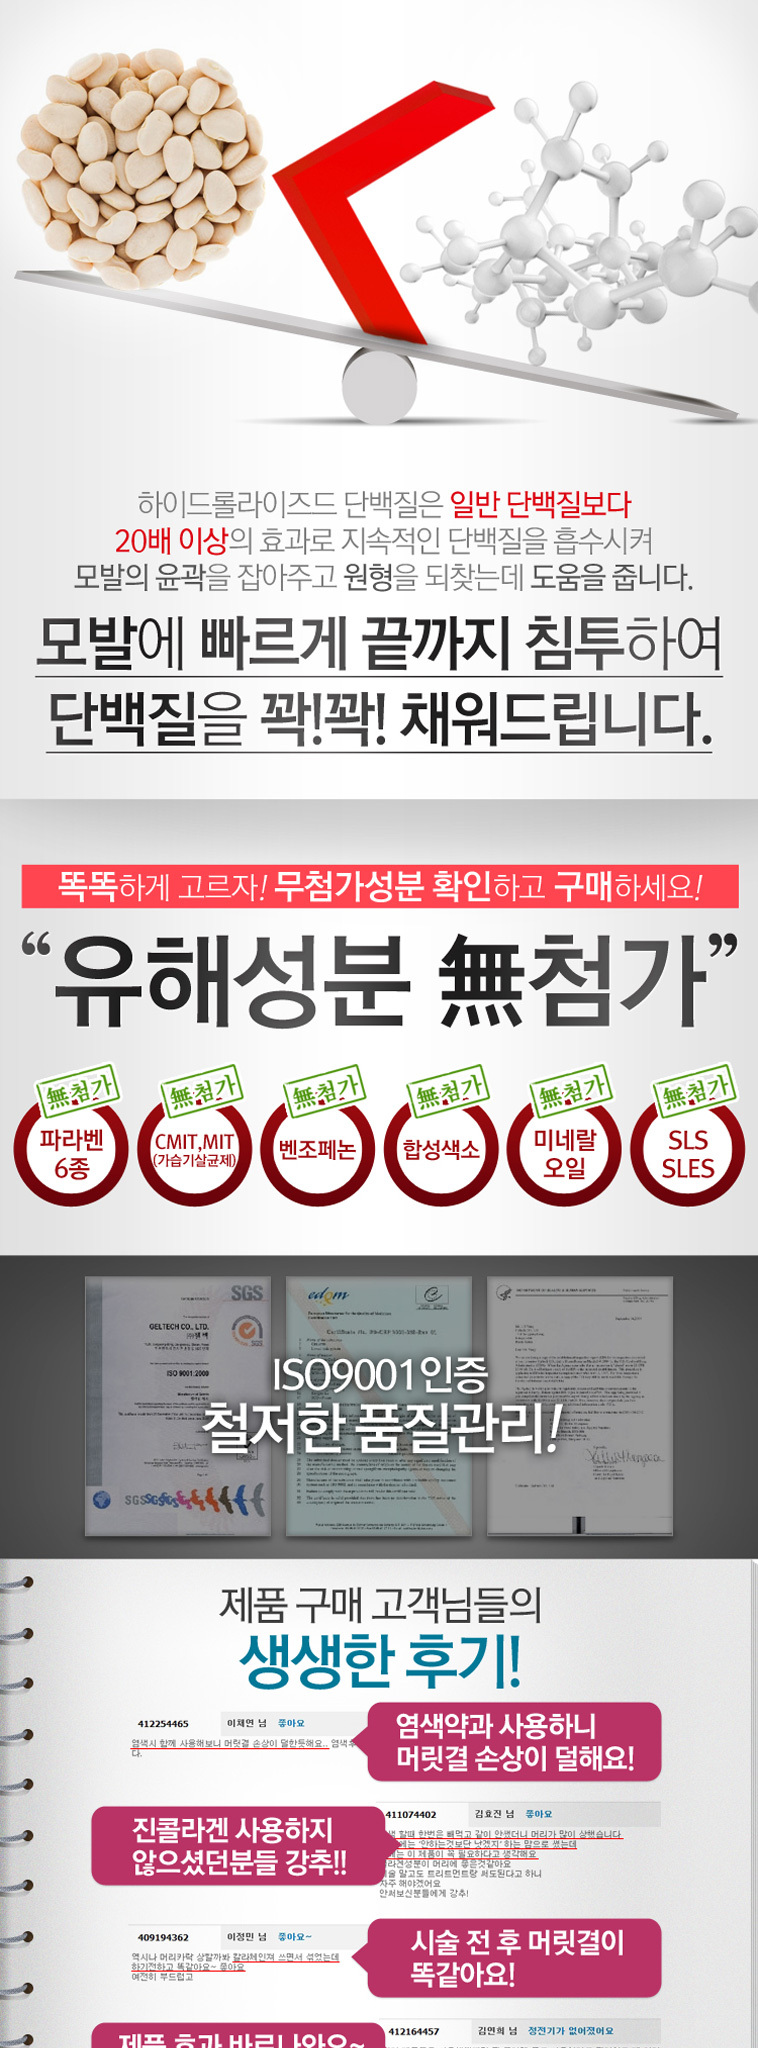 전문가용 트리트먼트 전기 헤어캡 - 상세정보